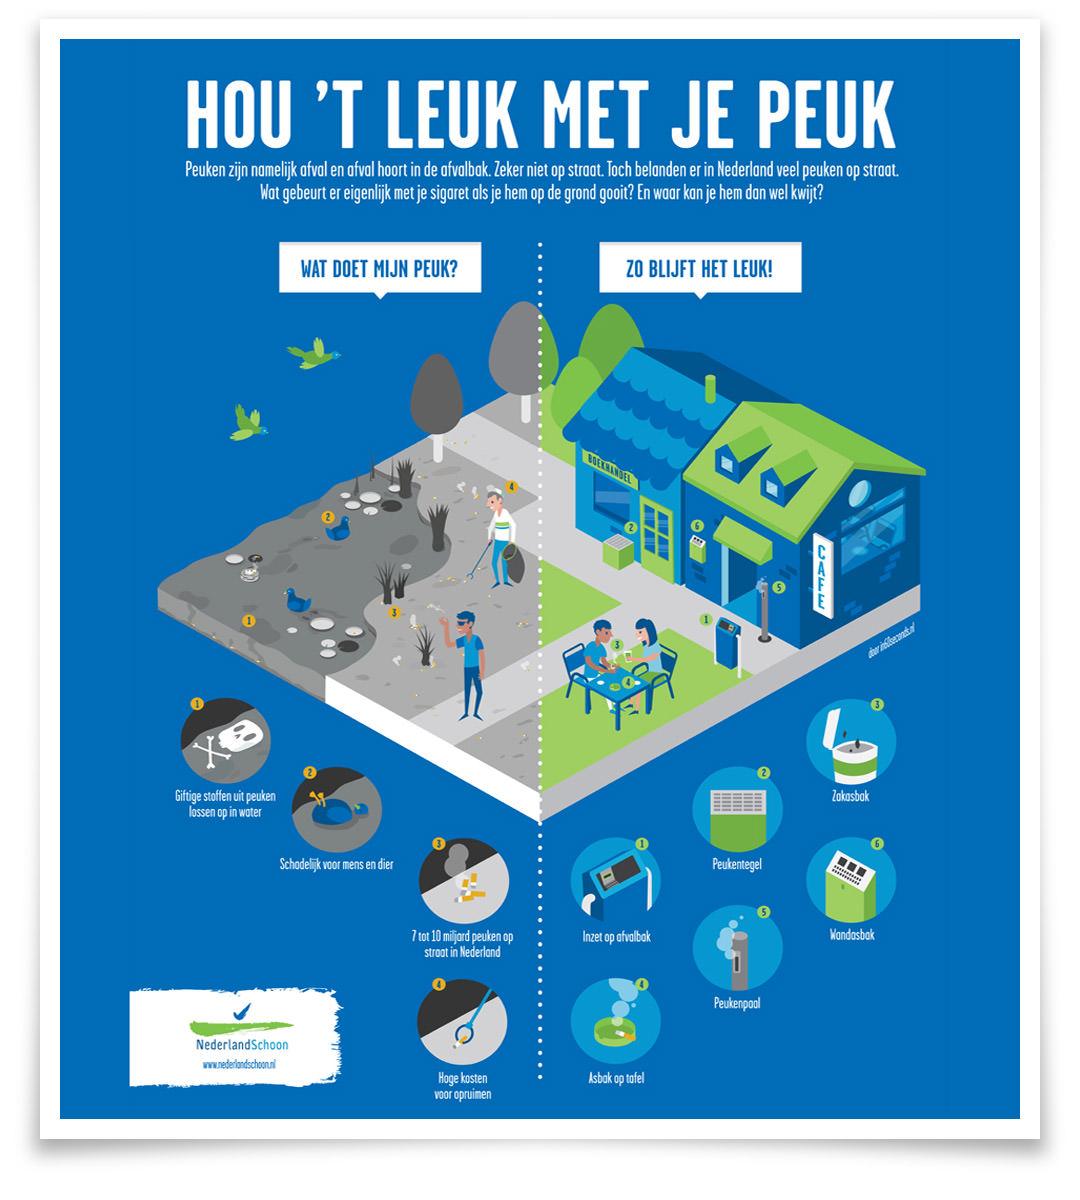 nederlandschoon-infographic-peuken-01